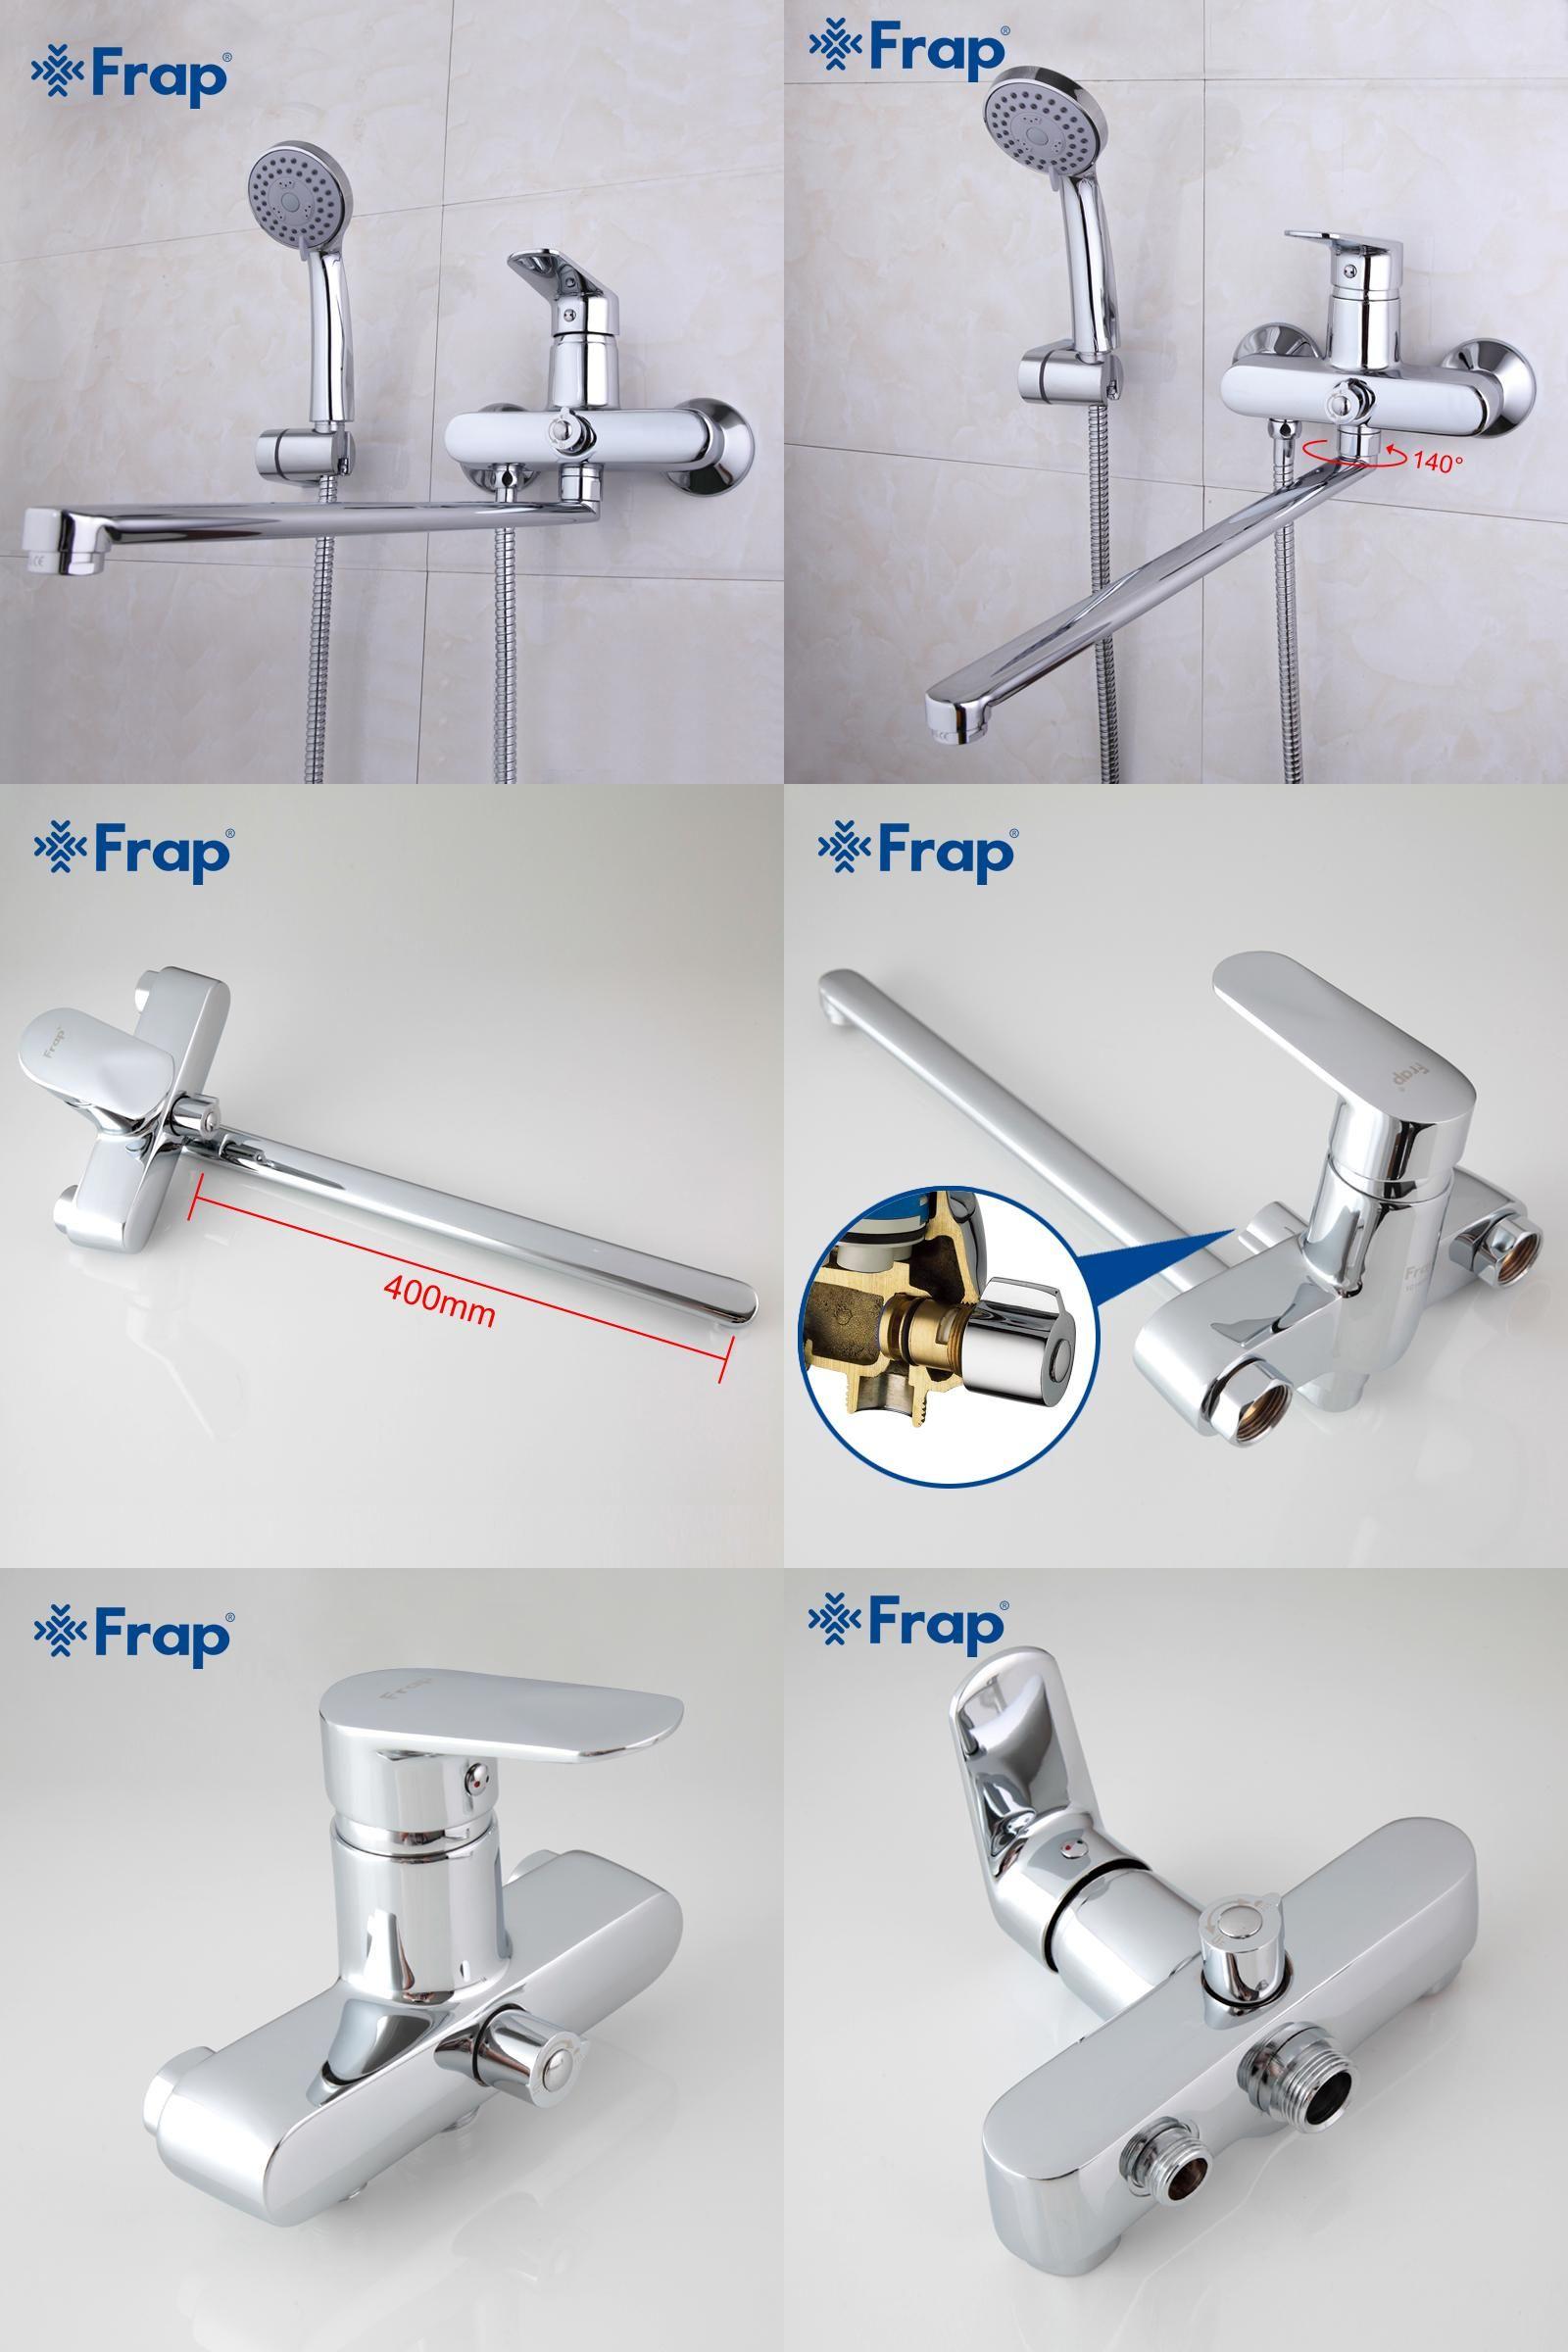 Frap High Quality Bathroom Mixer 40cm